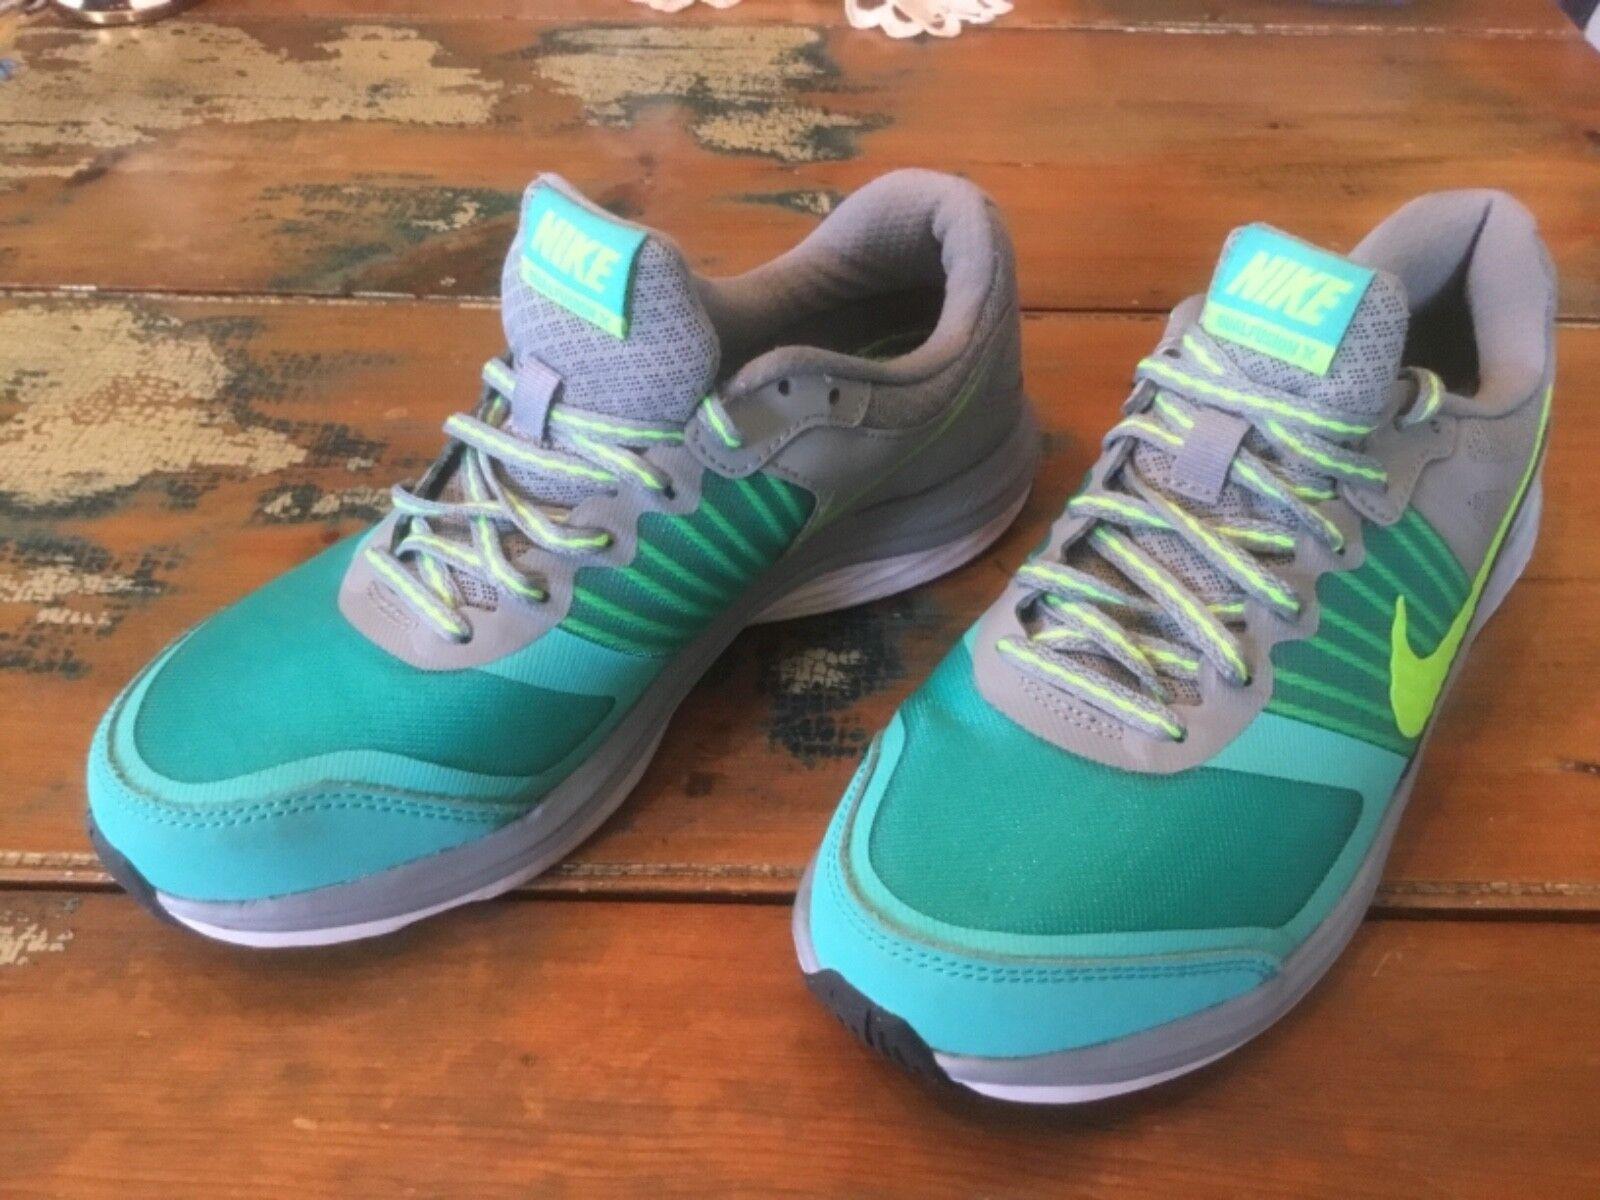 donne donne donne nike doppia fusione x 709501 004 grigio - verde lime scarpe taglia 7,5 diseconda mano | Funzionalità eccellenti  | vendita di liquidazione  | Sito Ufficiale  | Scolaro/Ragazze Scarpa  | Uomo/Donne Scarpa  77d1ab